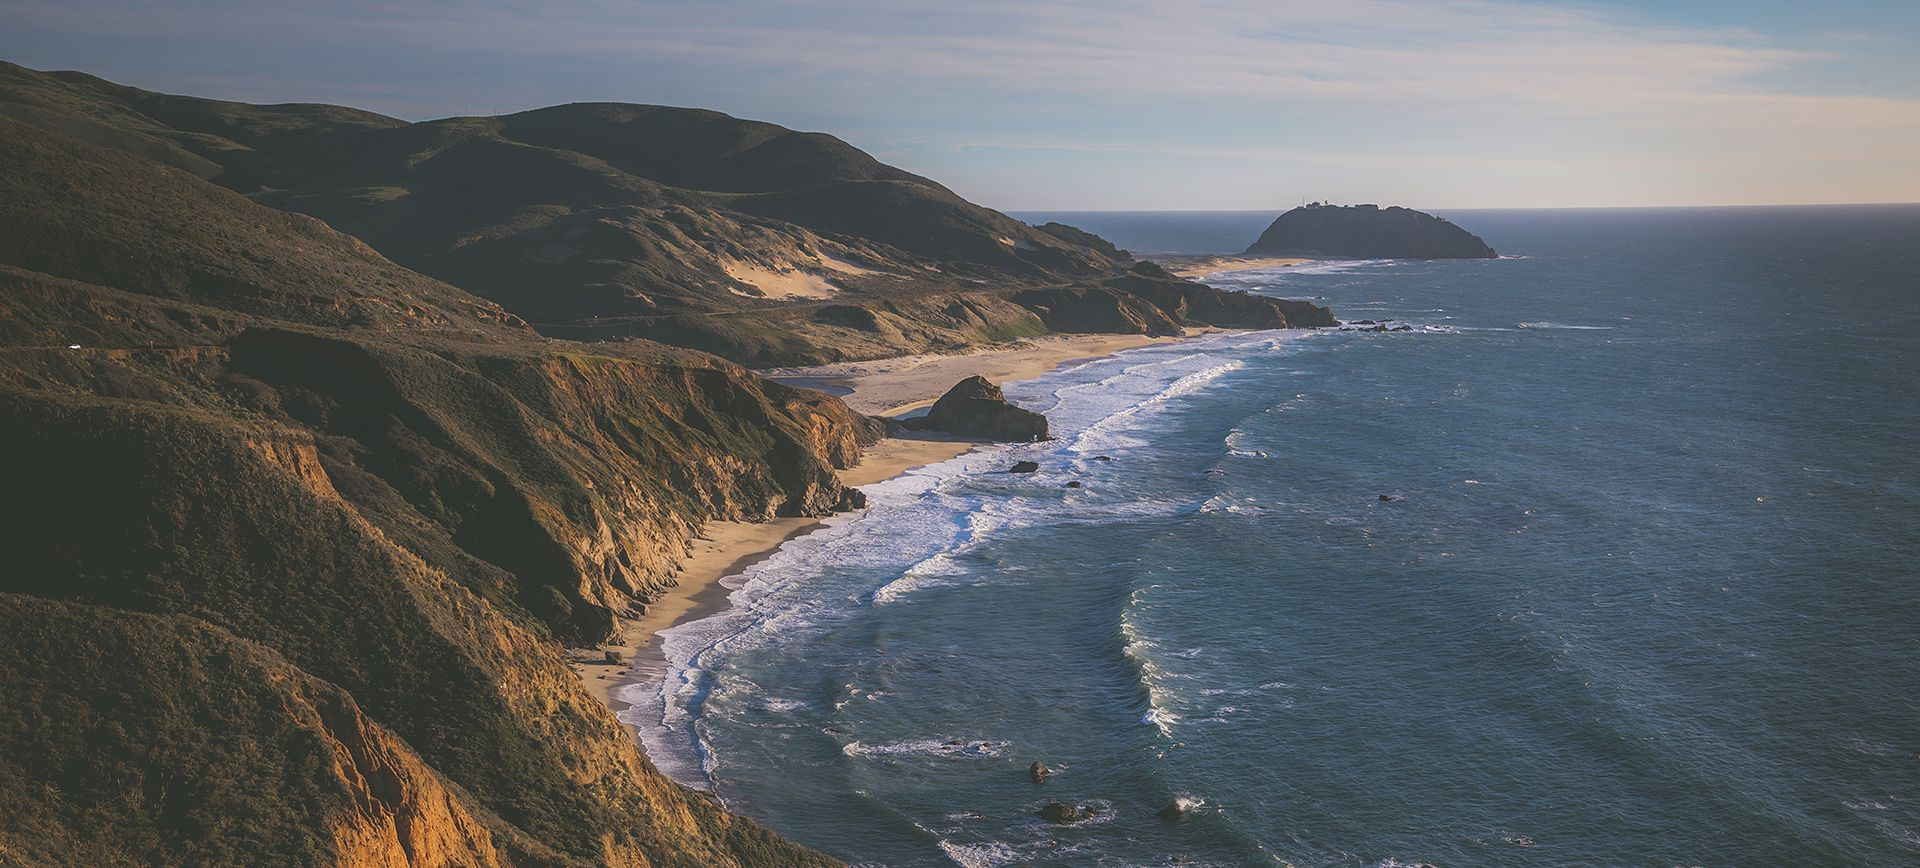 Big Sur Adventure Session in California